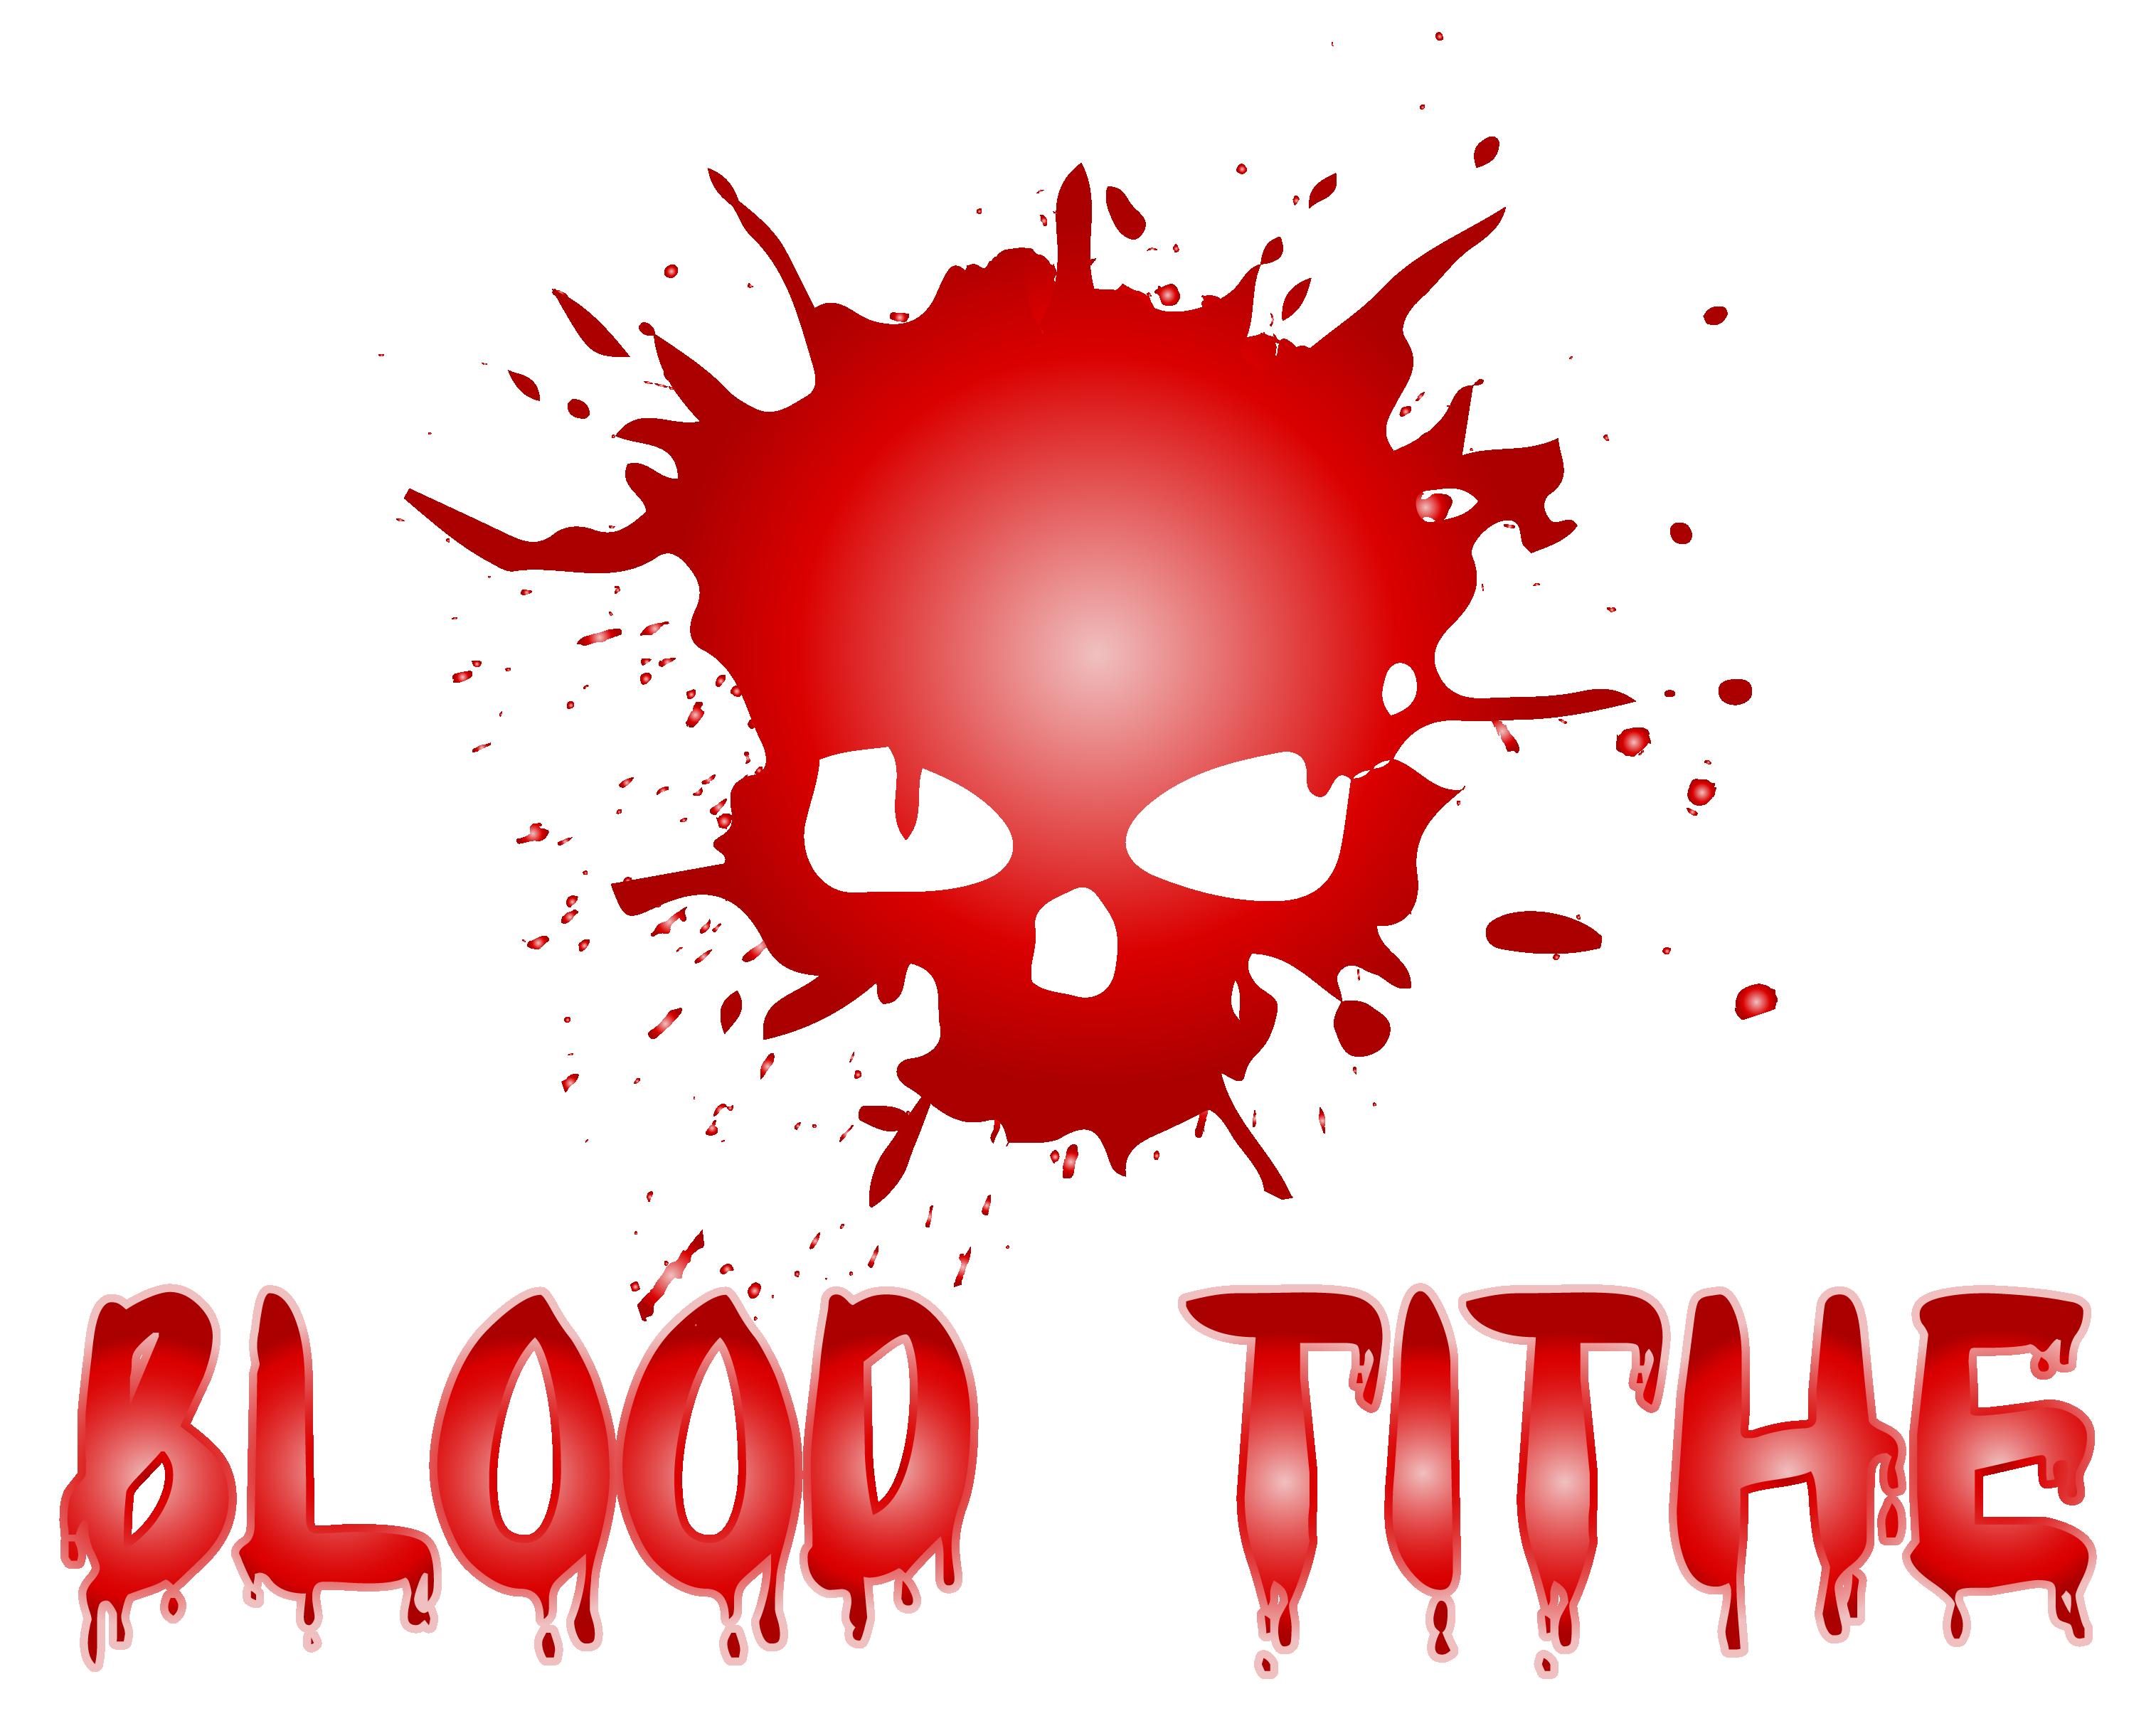 Blood spots png. Tithe aos international team